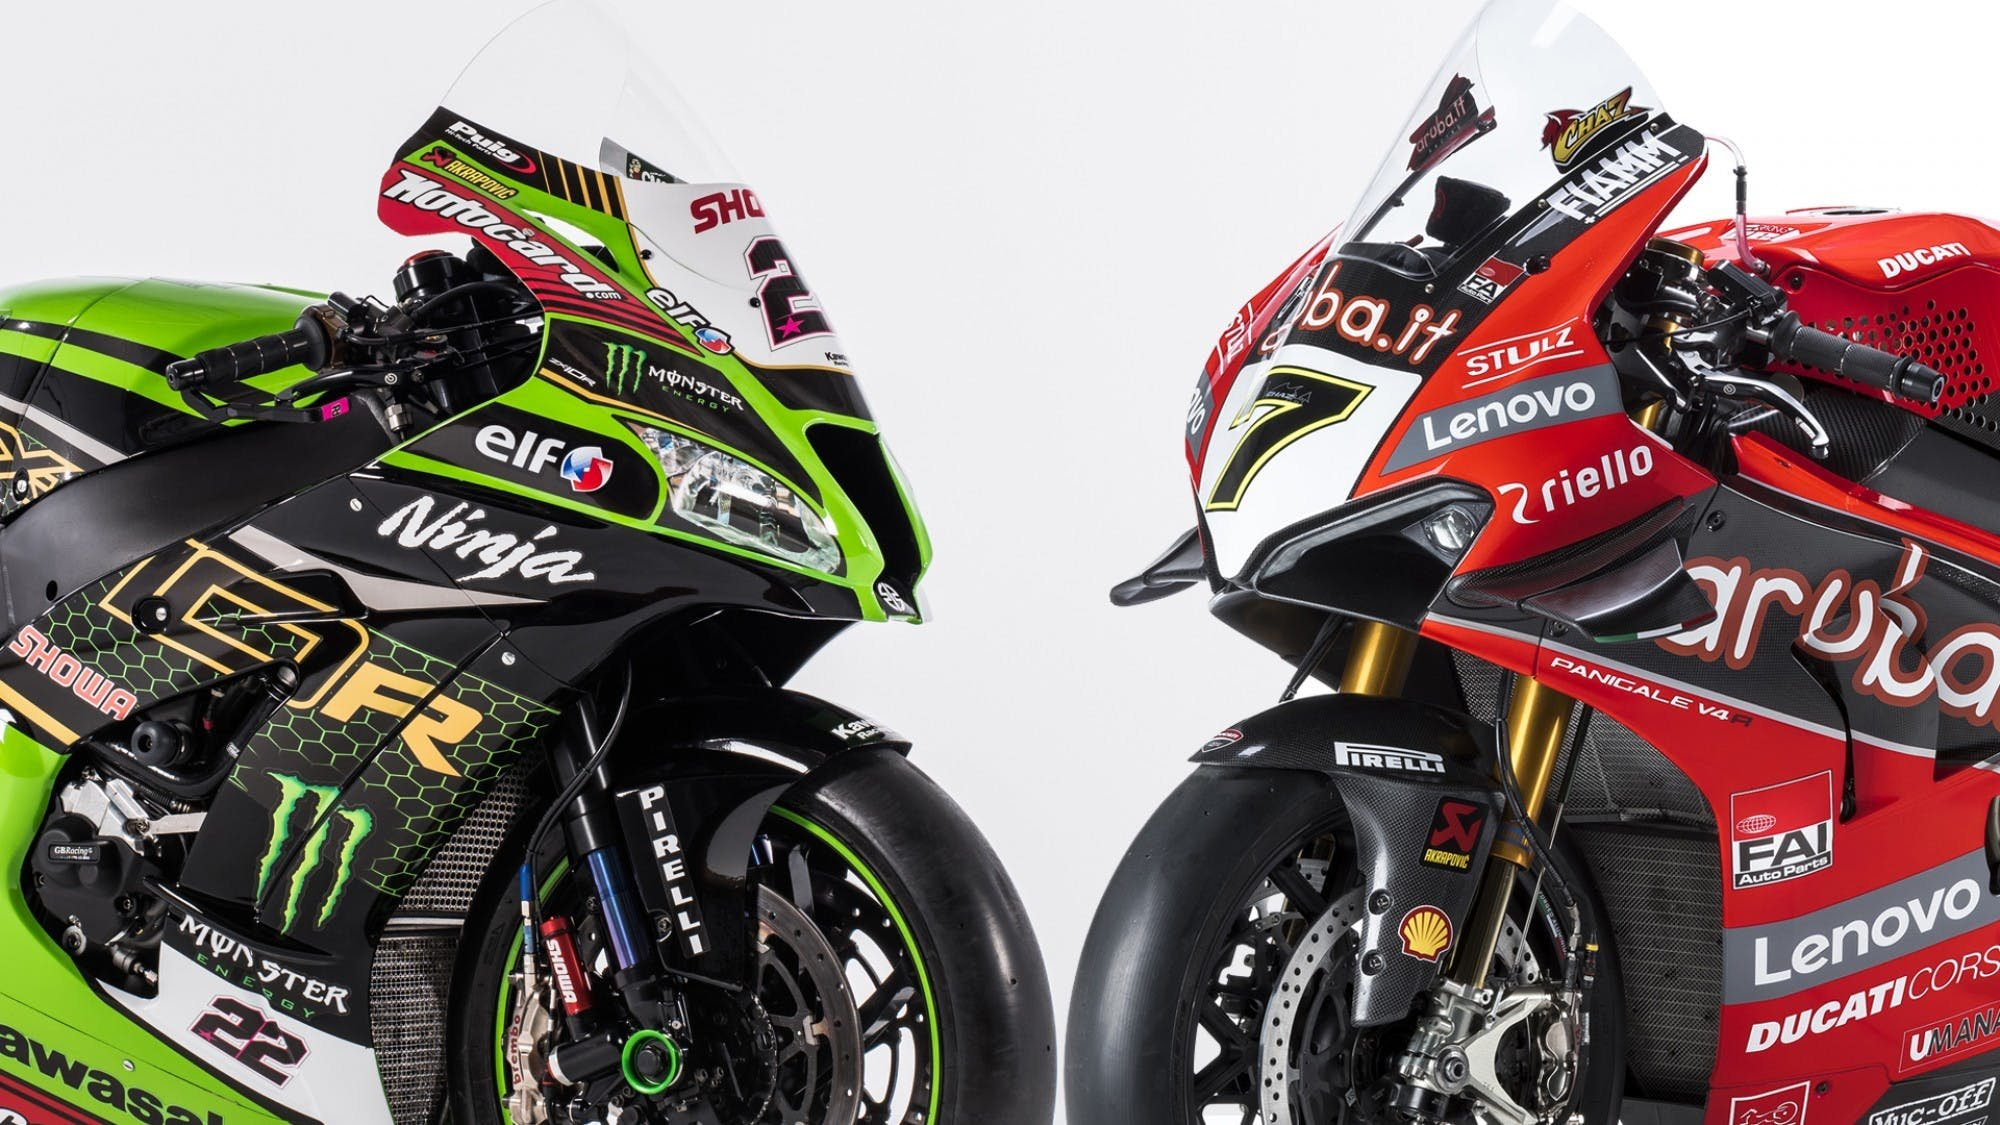 Kawasaki super-sport motorcycle  and a Ducati super-sport motorcycle  facing each other